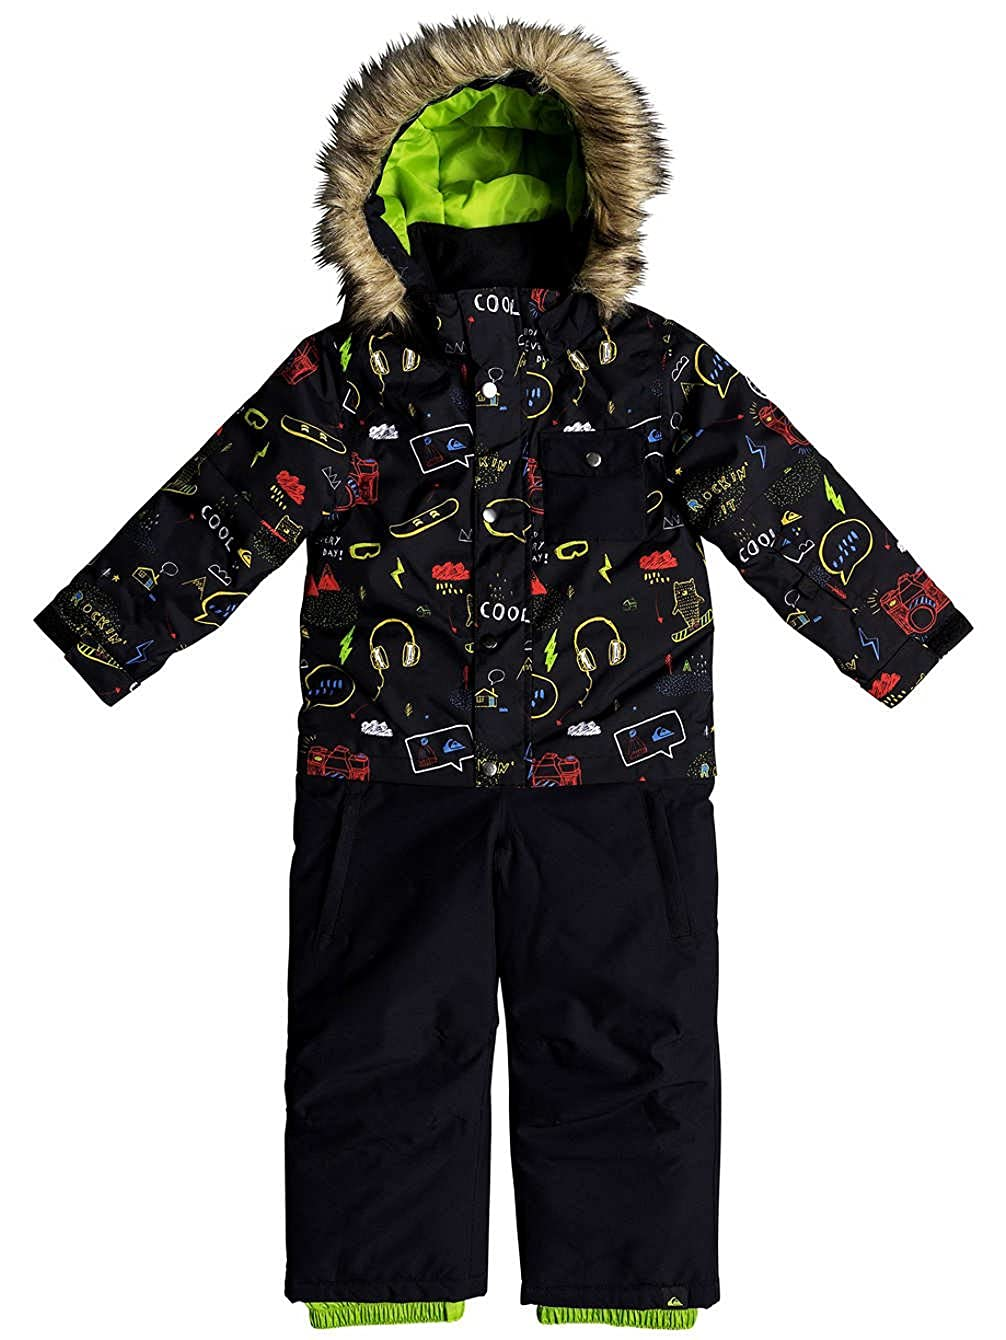 5c9c1e500eb8 Amazon.com  Quiksilver Rookie Kids Snowsuit  Clothing